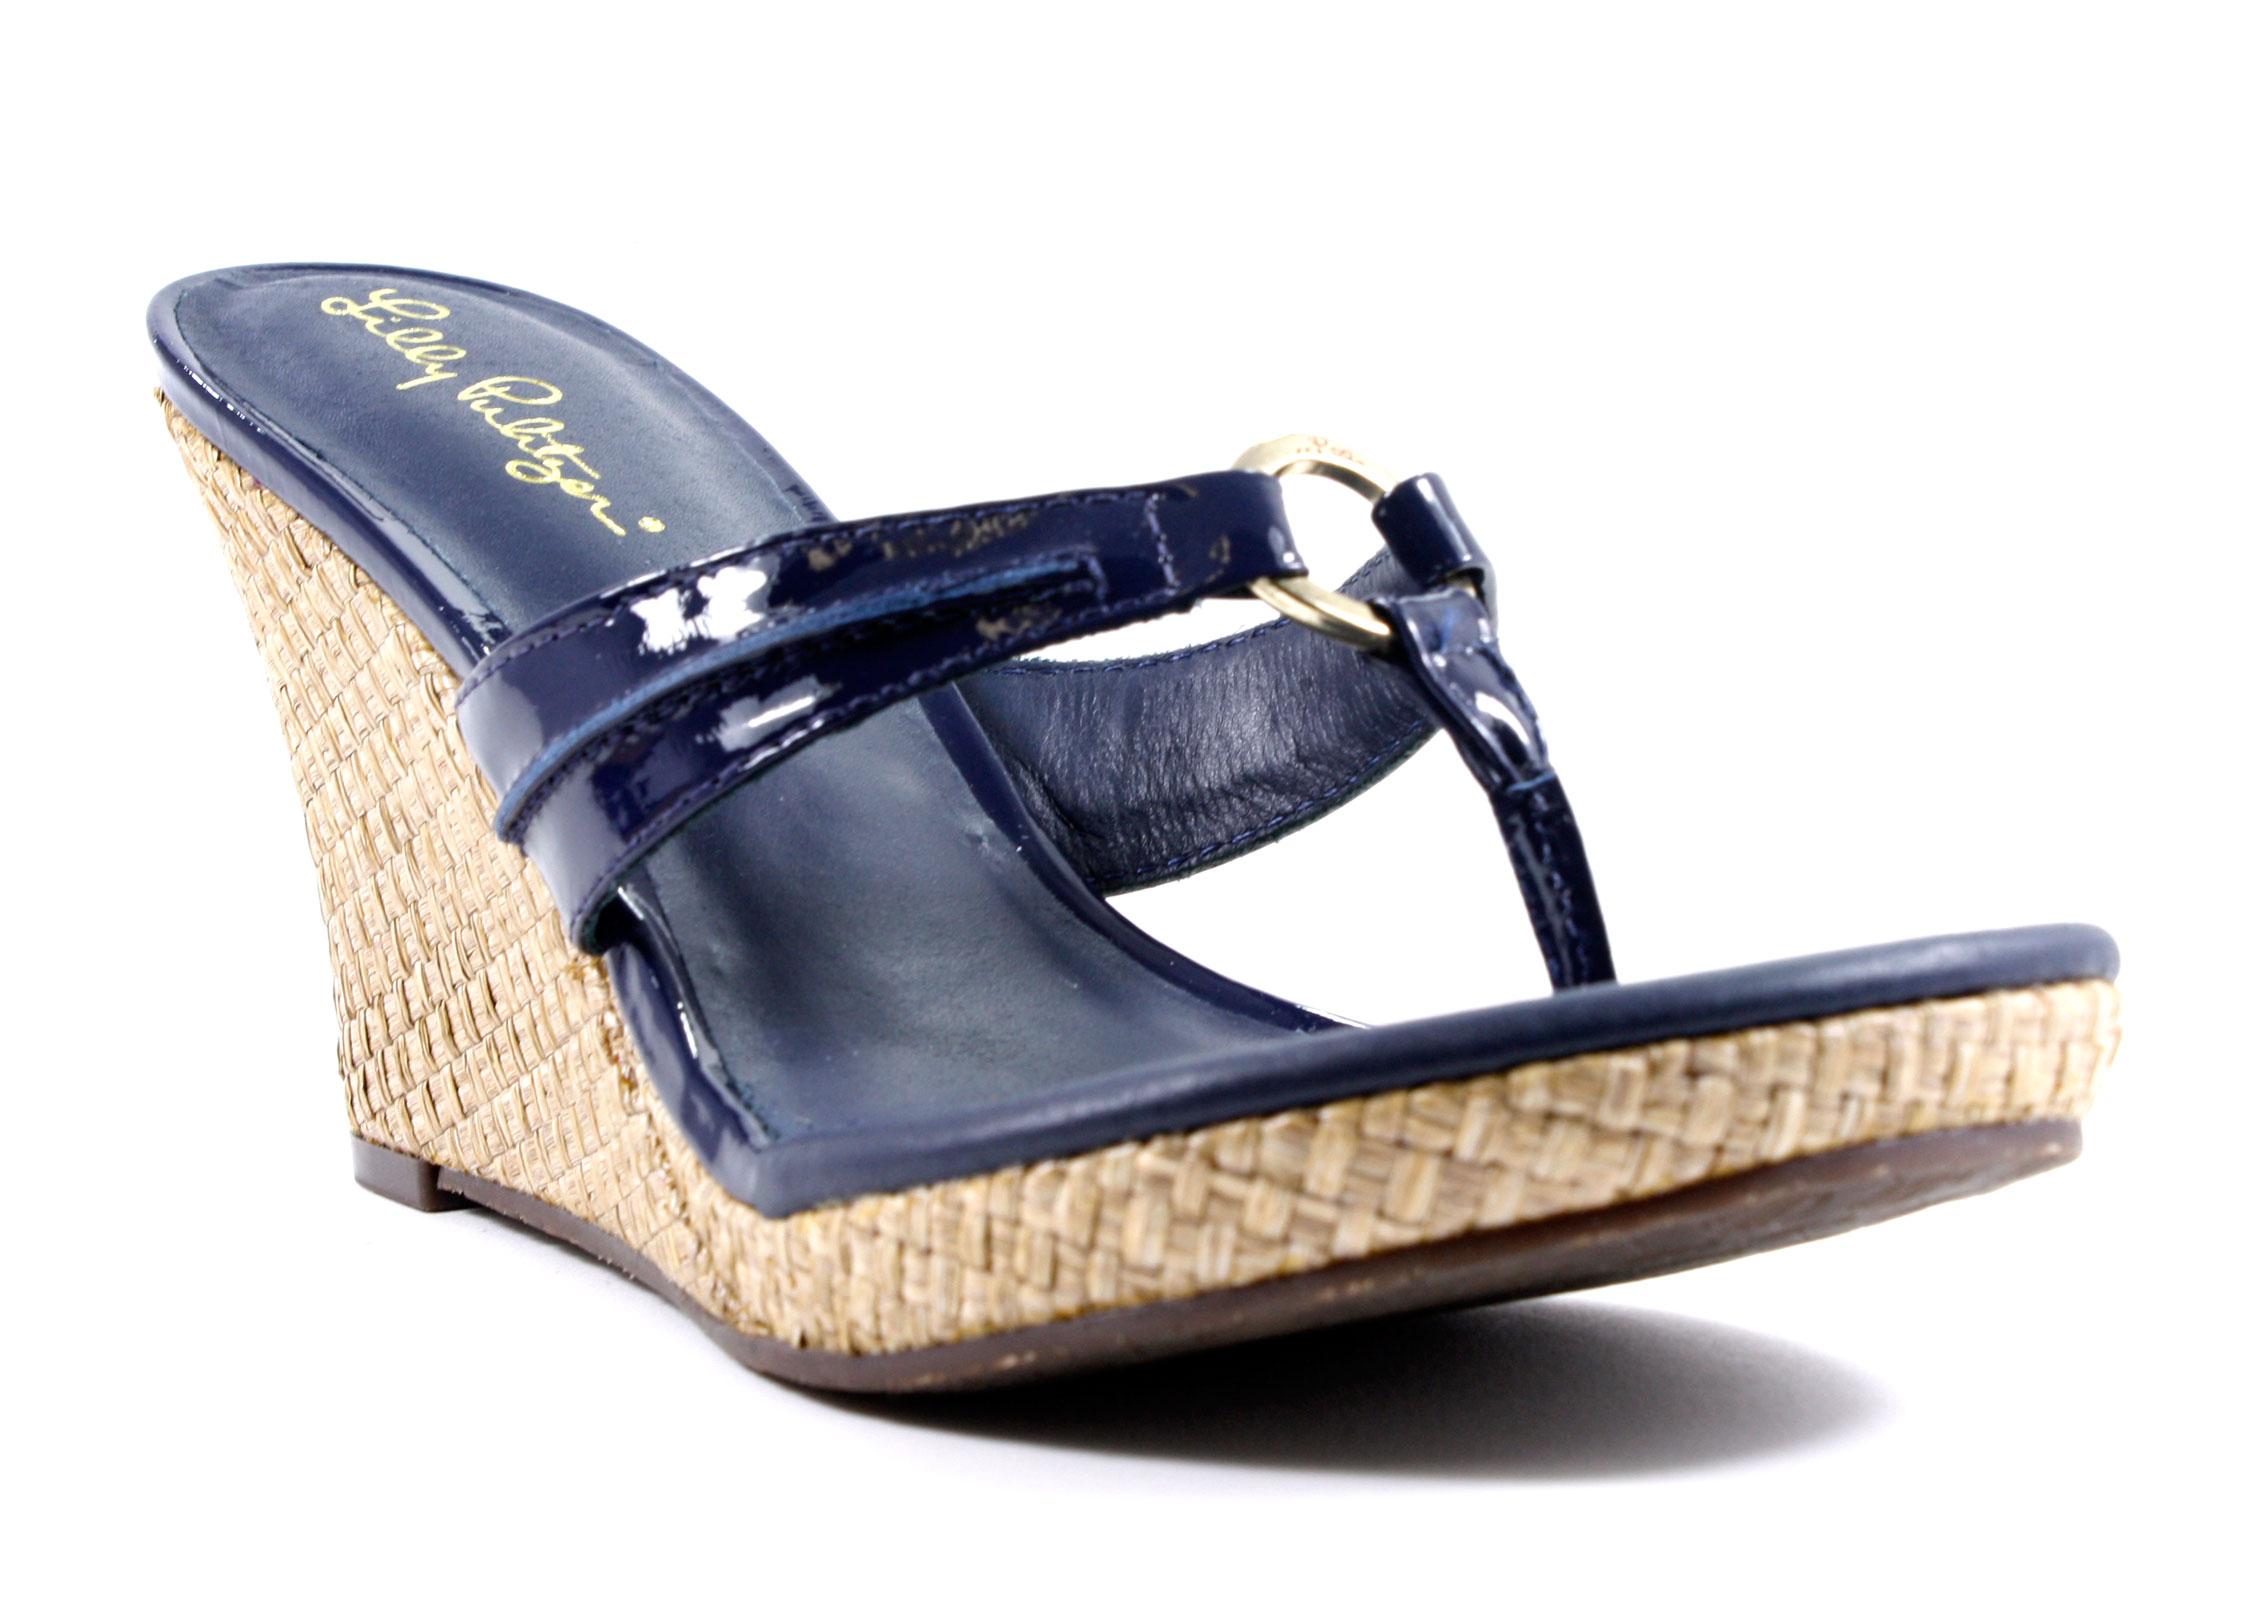 Lilly Pulitzer Mckim High Wedge True Navy Sandals Shoes 8